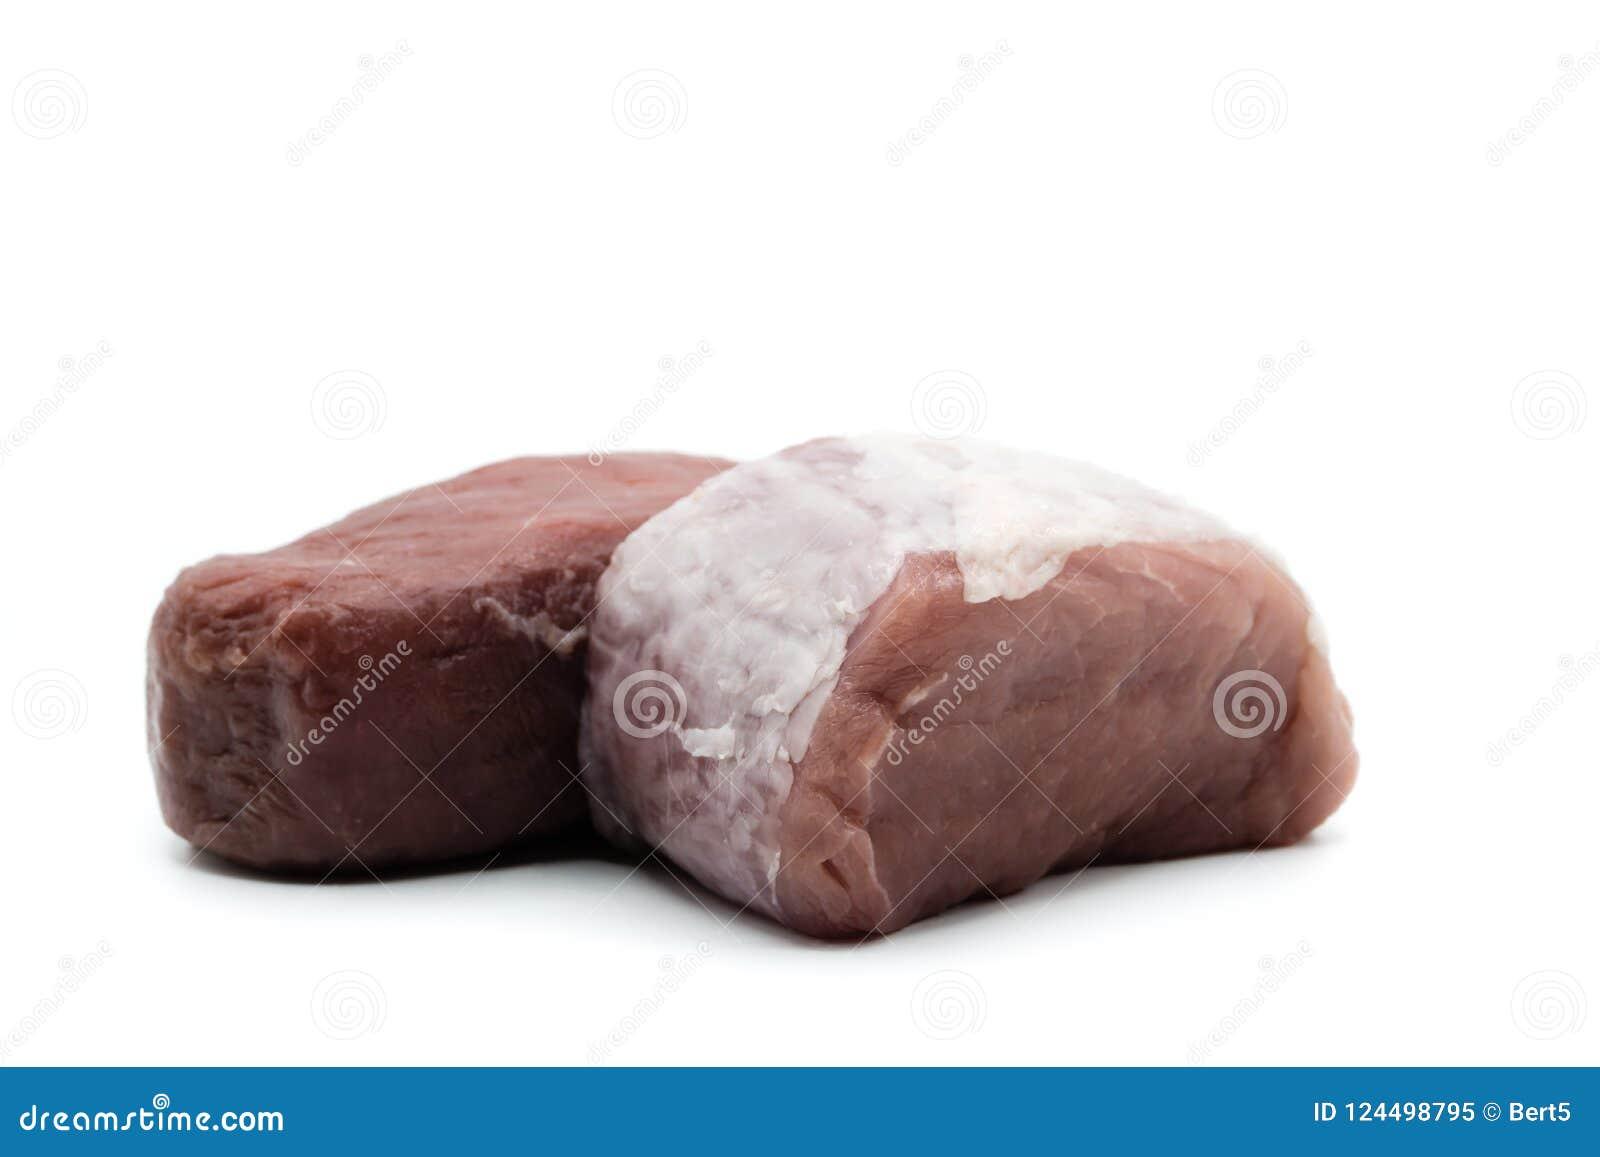 猪里脊肉和在白色背景隔绝的牛里脊肉